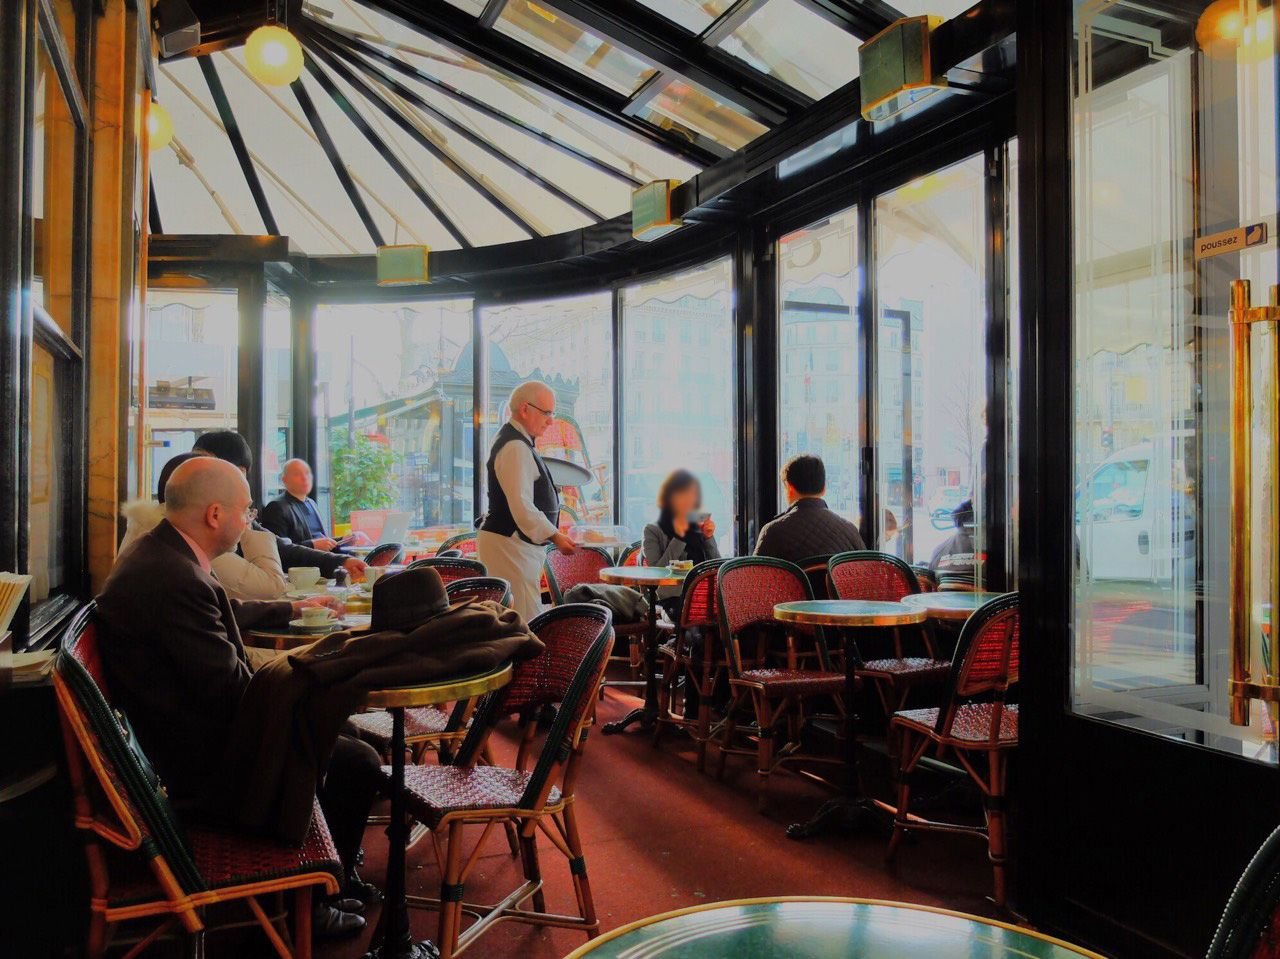 Cafe de Flore (カフェ・ド・フロール)